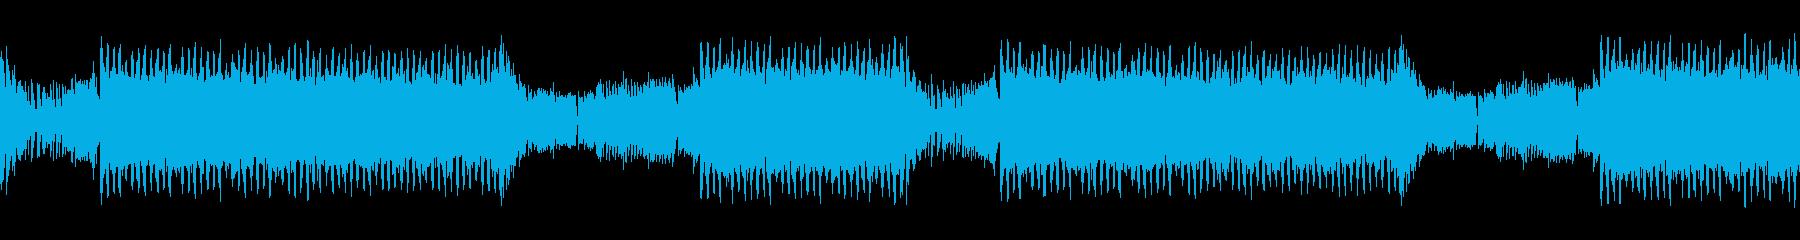 勢いのあるギターと電子音のEDMの再生済みの波形